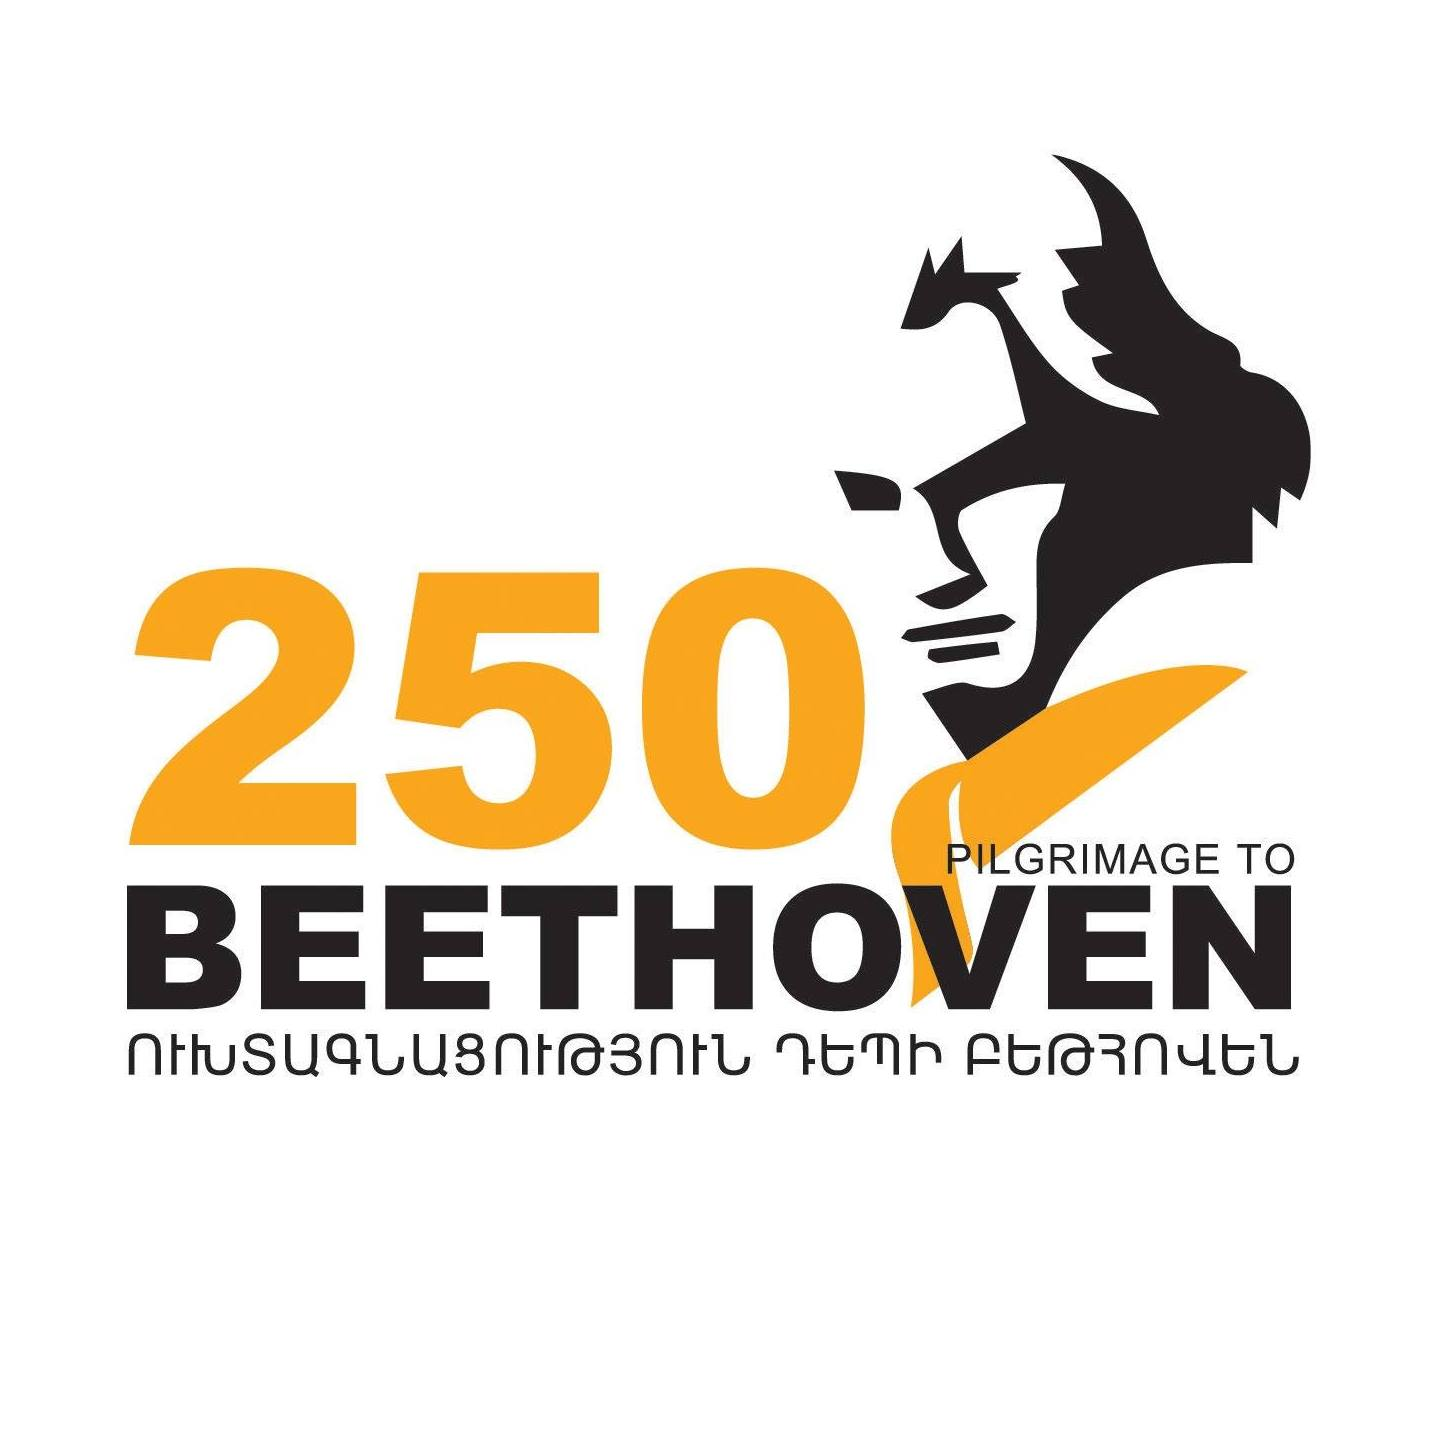 Photo of «Ուխտագնացություն դեպի Բեթհովեն» փառատոնի շրջանակում դեկտեմբերին կկազմակերպվեն սիմֆոնիկ և կամերային համերգներ